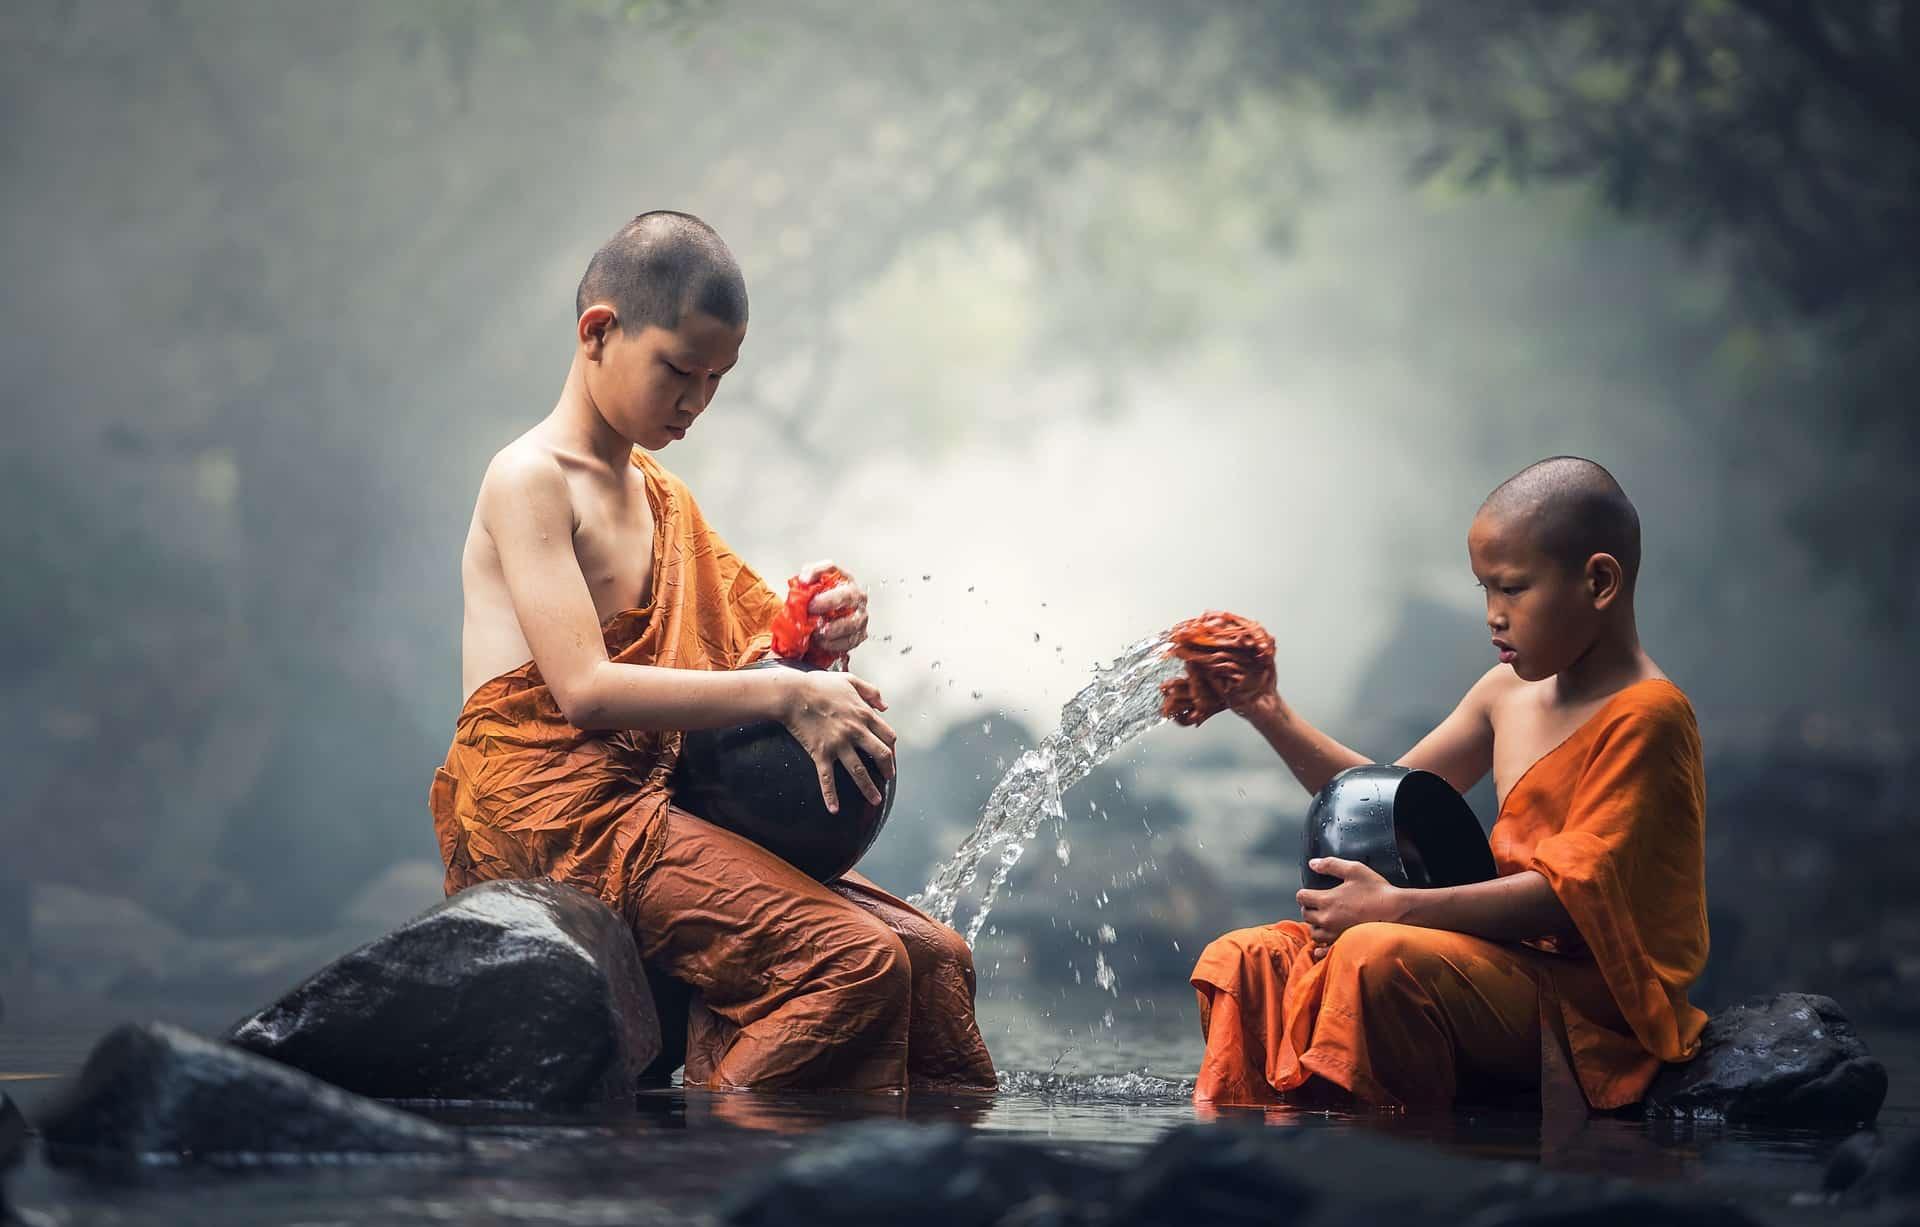 schoonmaken in rivier kinderen